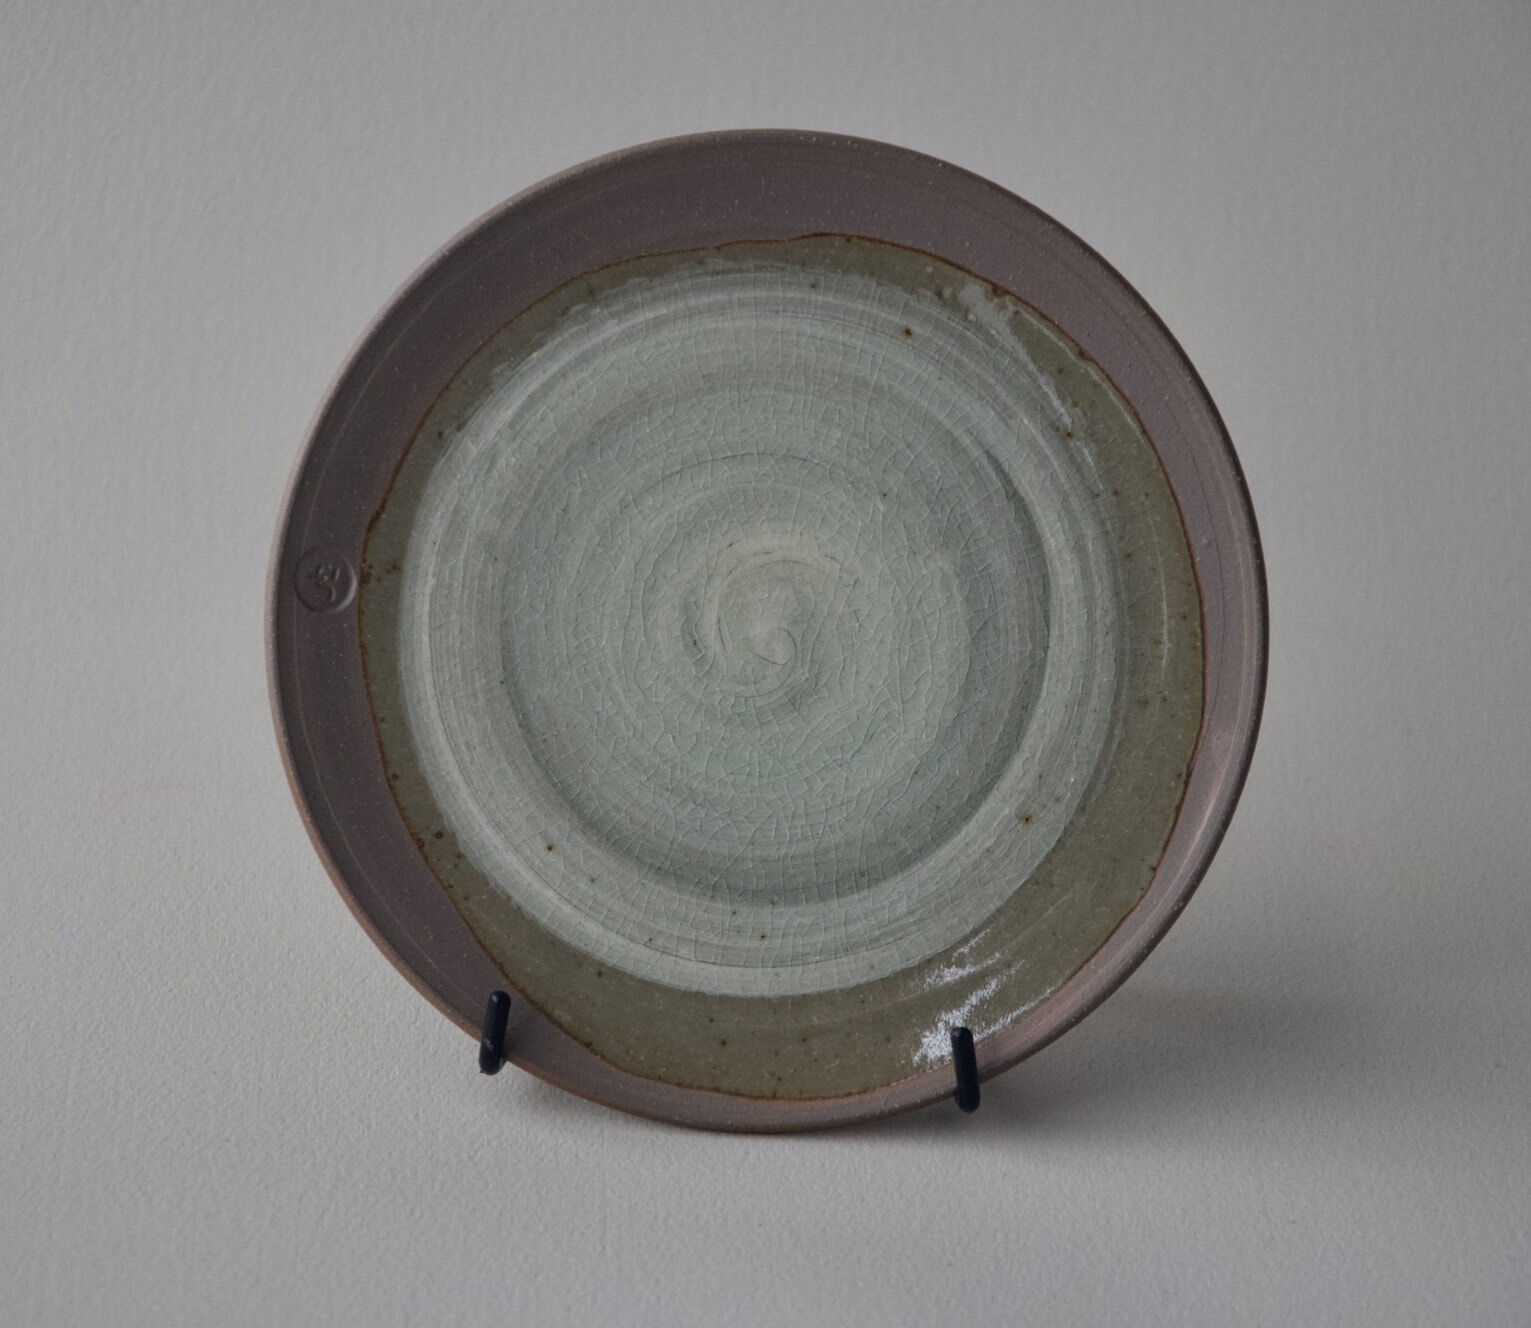 SmlPlate01a-Slip:celadon-JHendy8:21